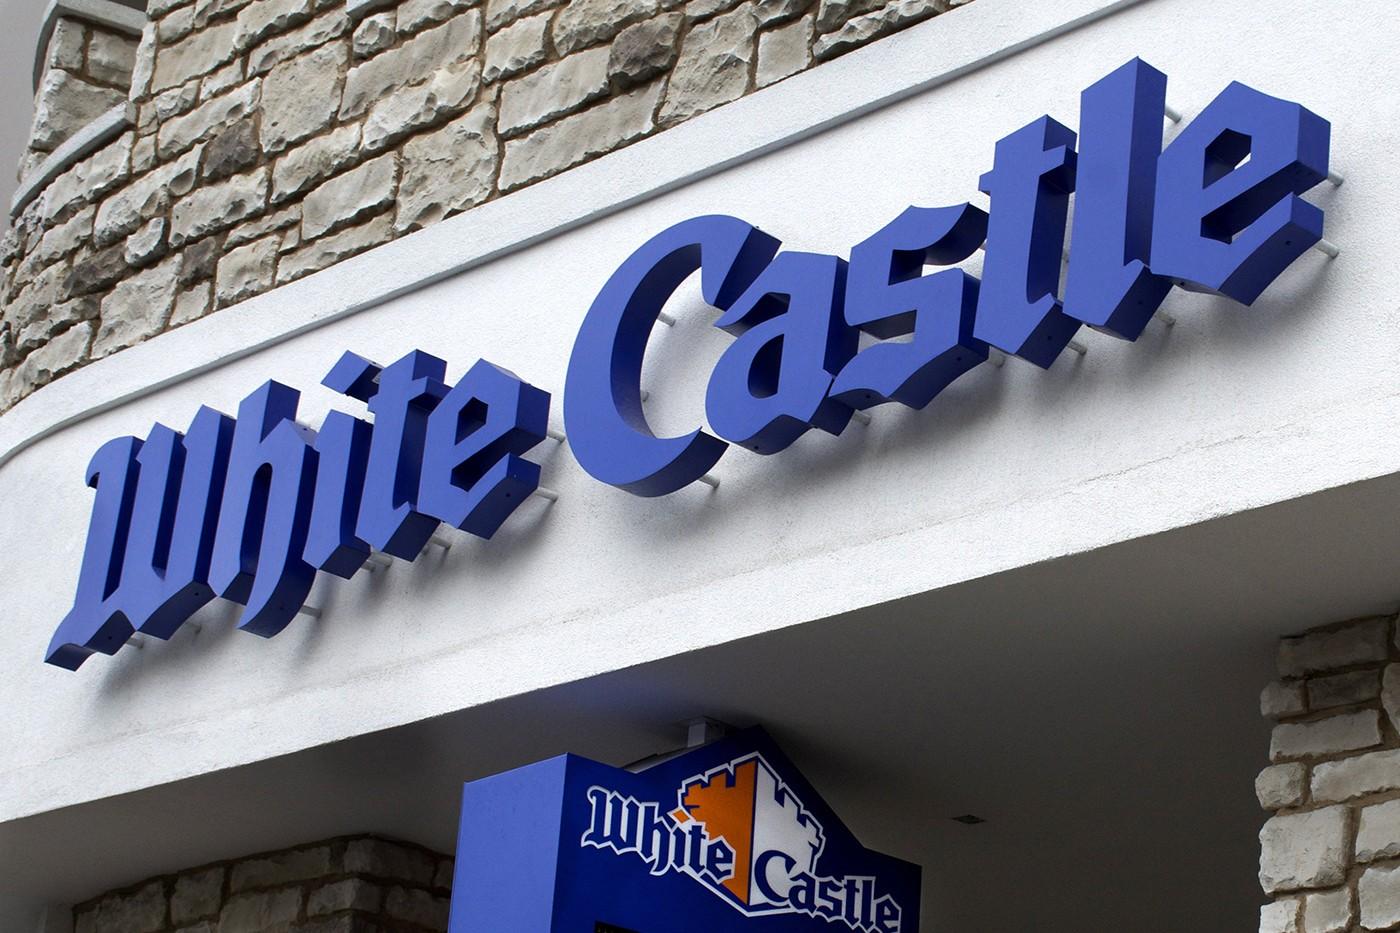 世界最大全新 White Castle 快餐店铺正式开幕